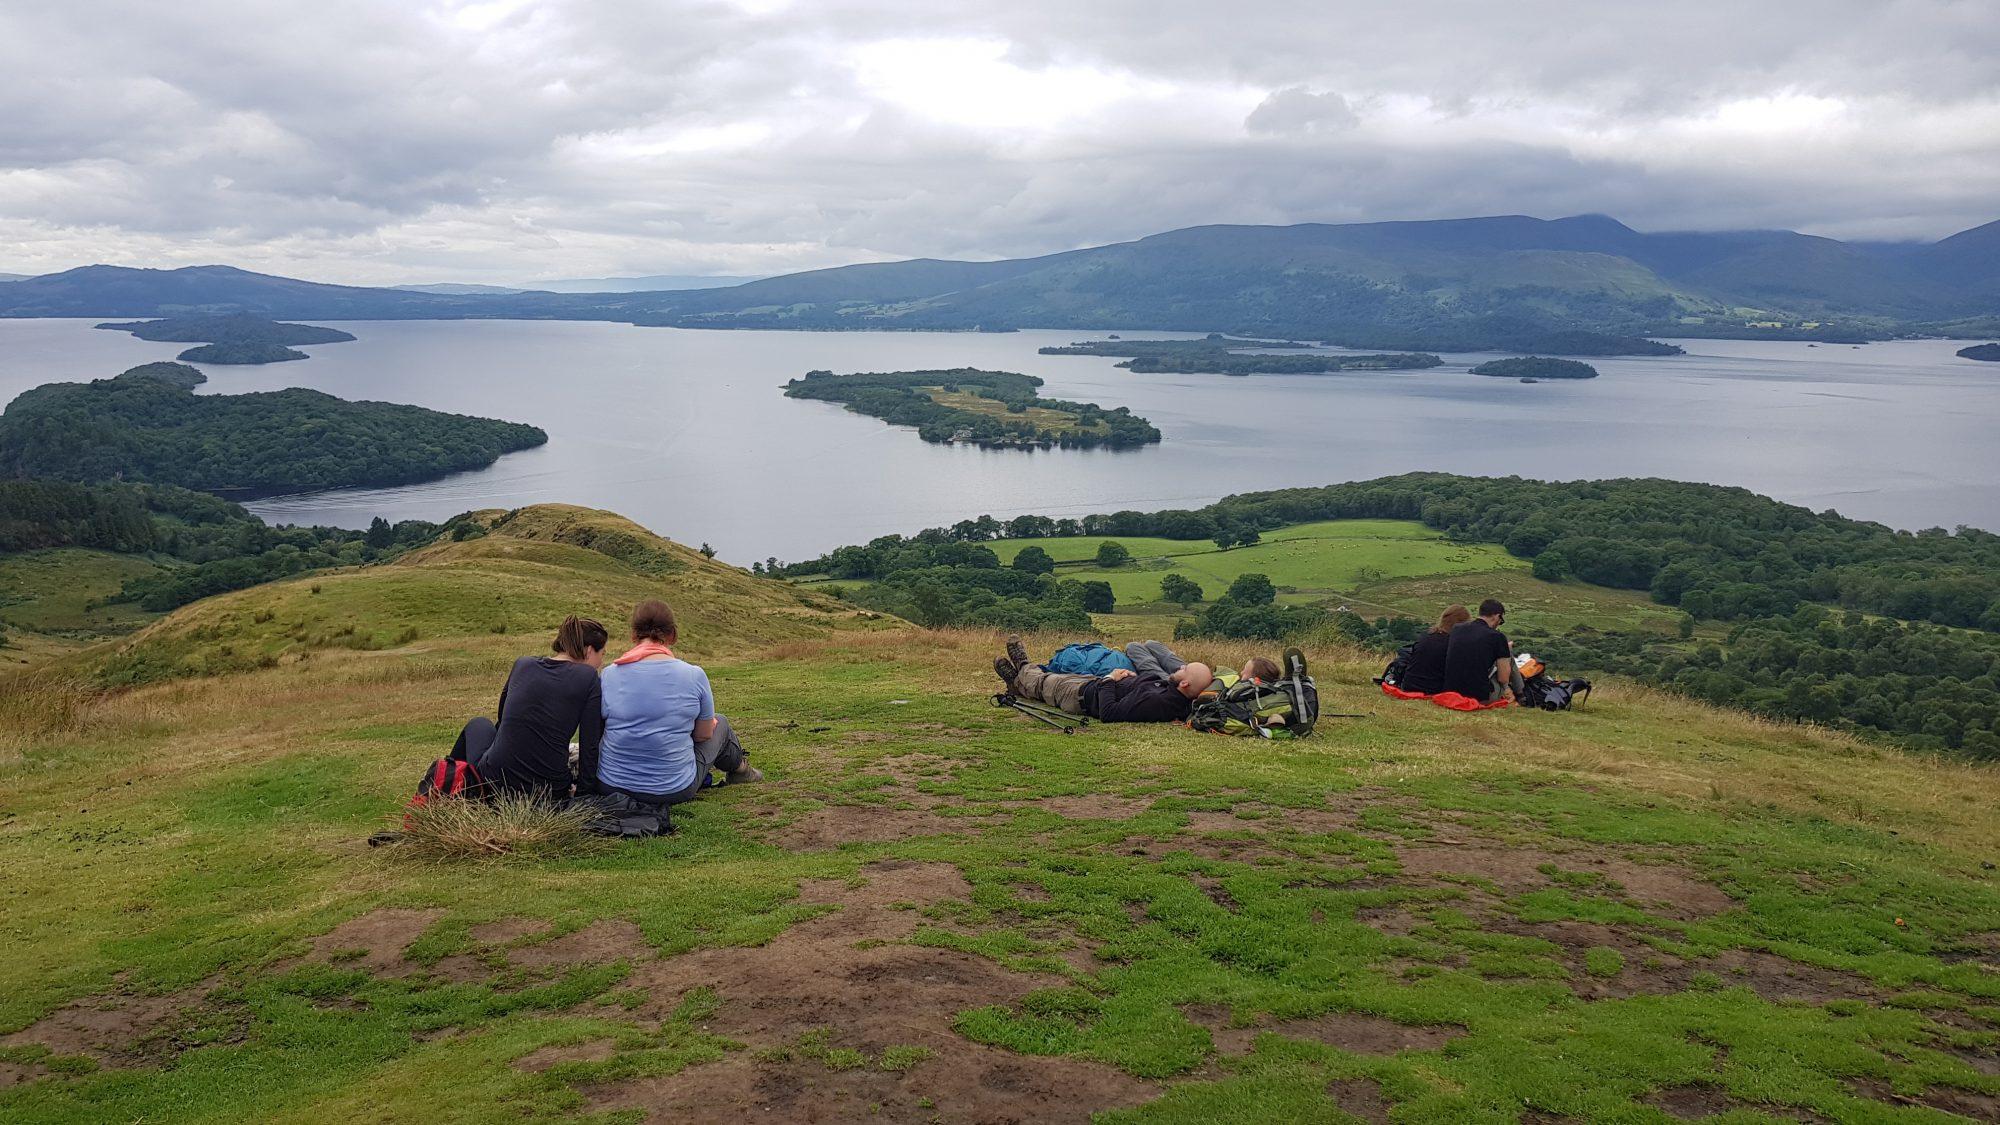 Aussichtshügel beim Conic Hill, West Highland Way, Schottland, Wanderung, Weitwandern, Trekking, Highlands